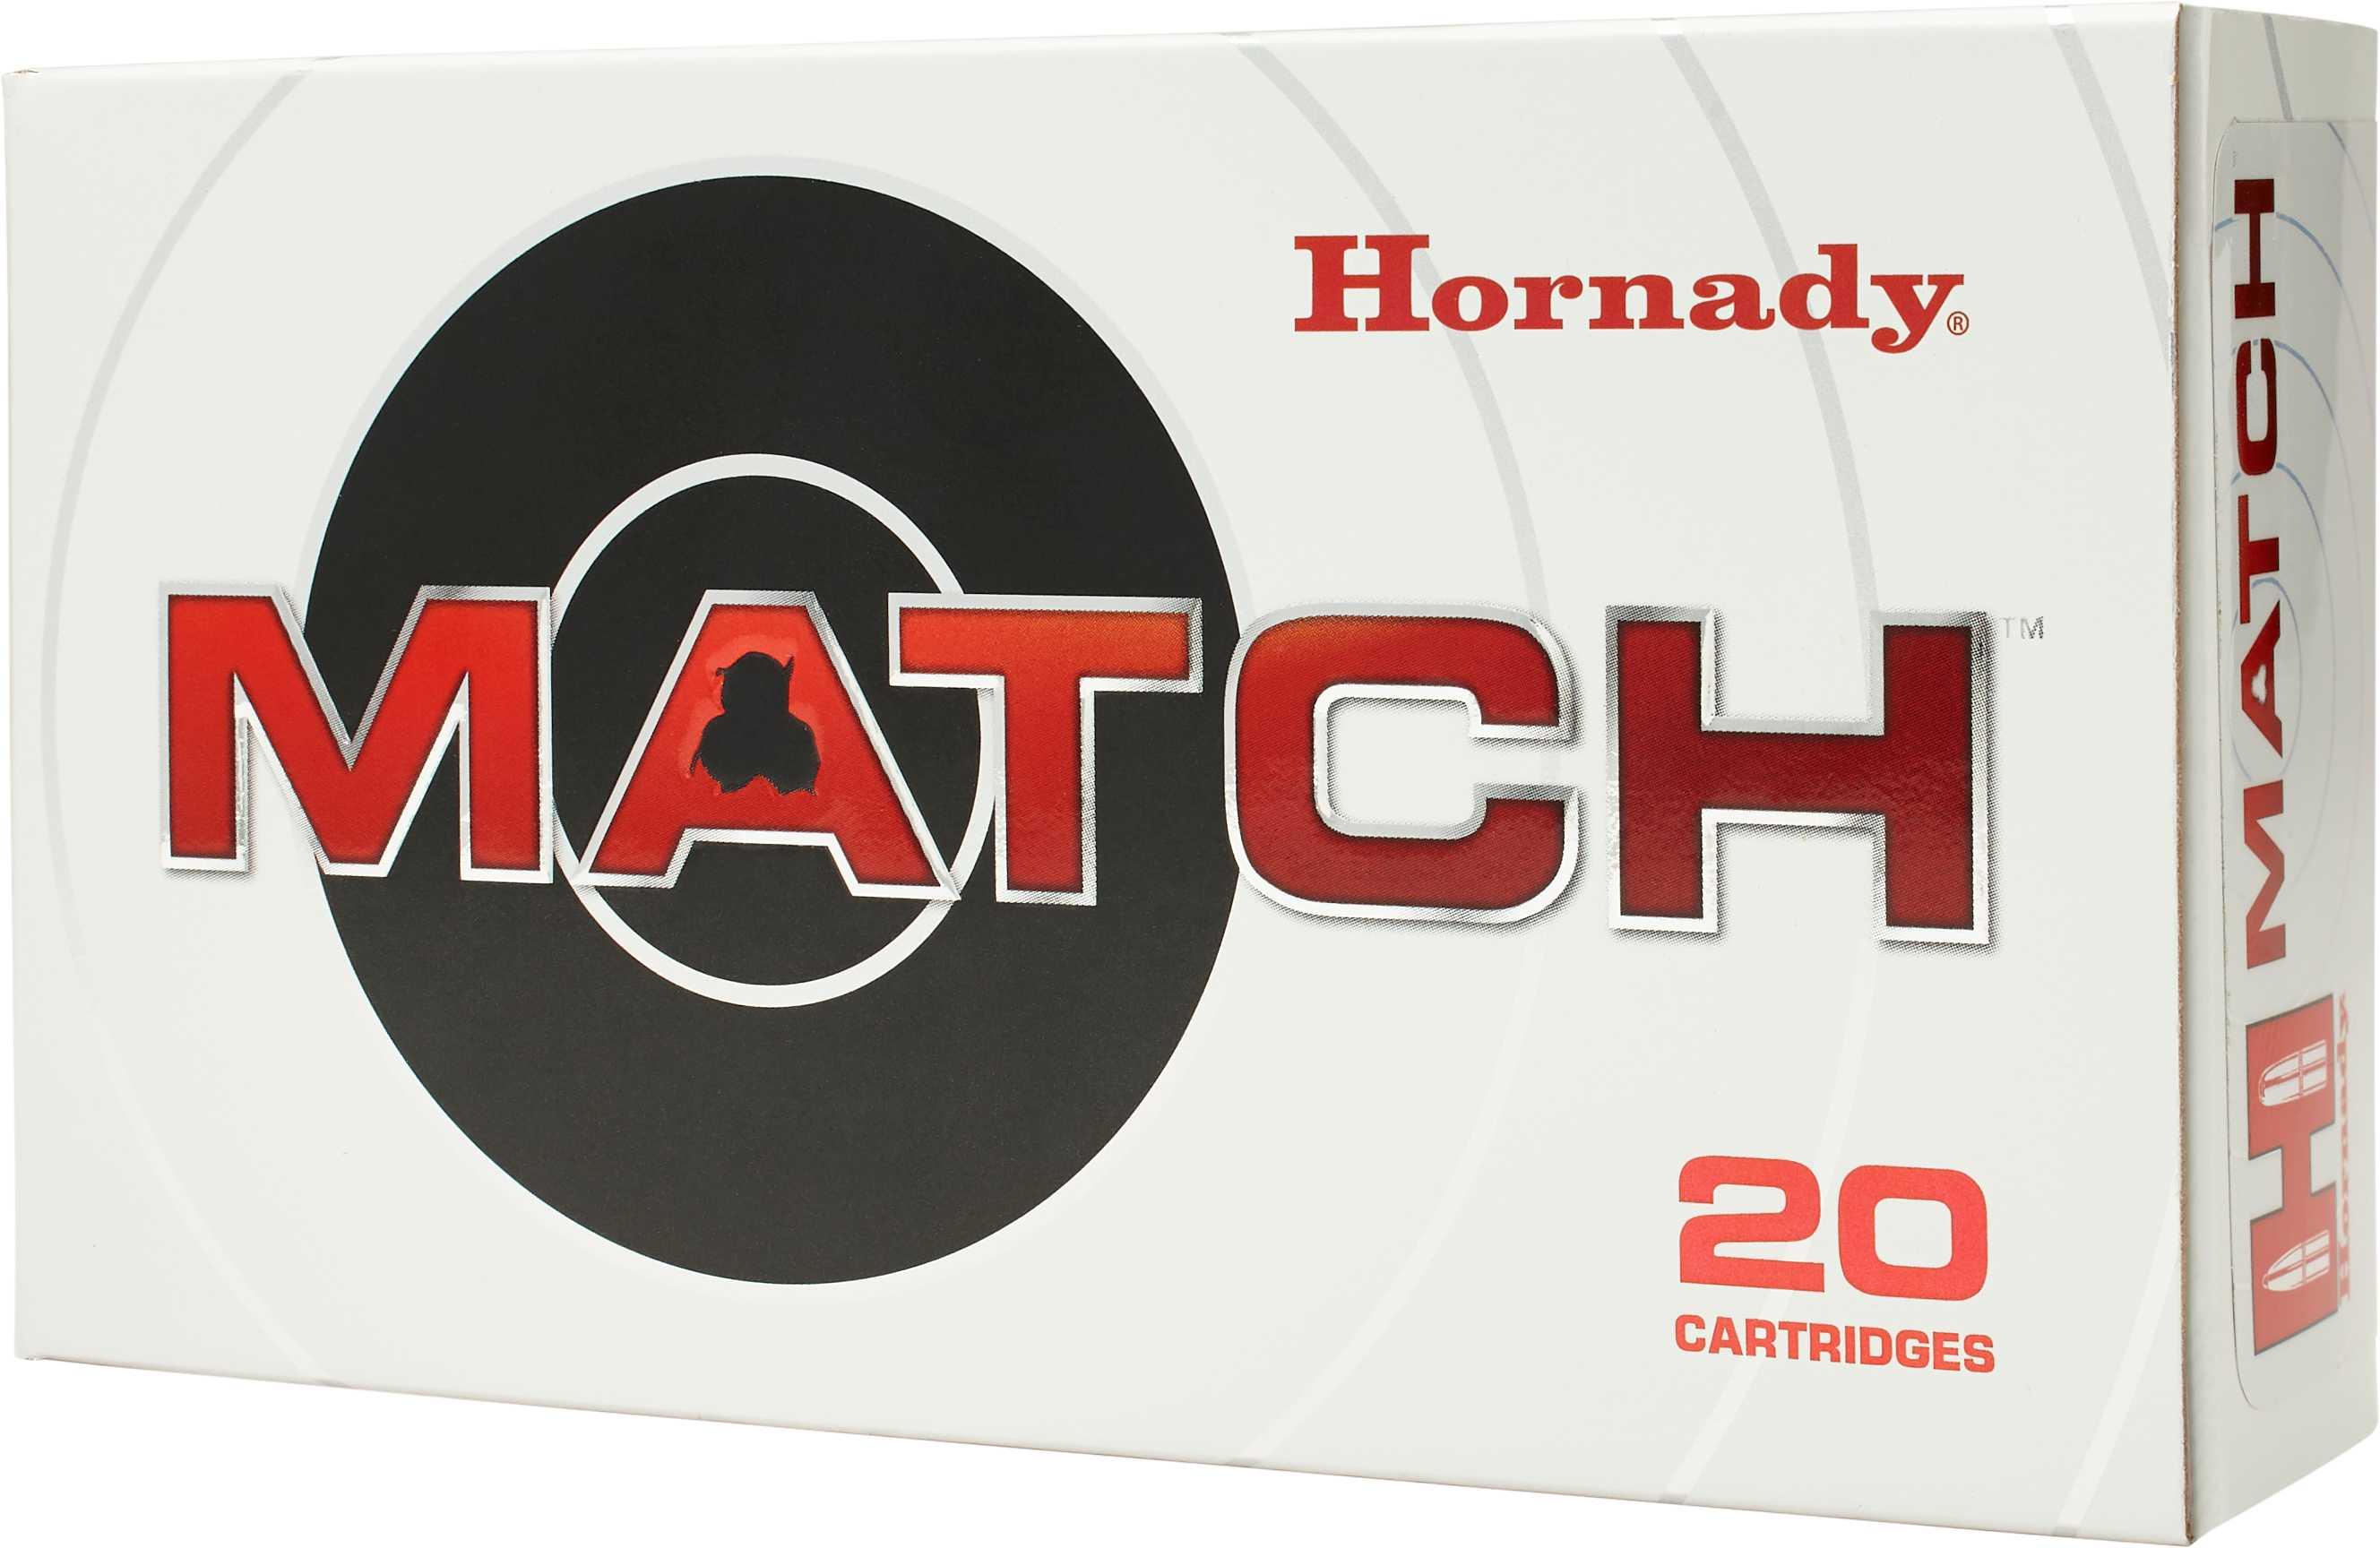 Hornady Match 260 Remington 130 Grain ELD Match Ammunition, 20 Rounds Per Box Md: 8553